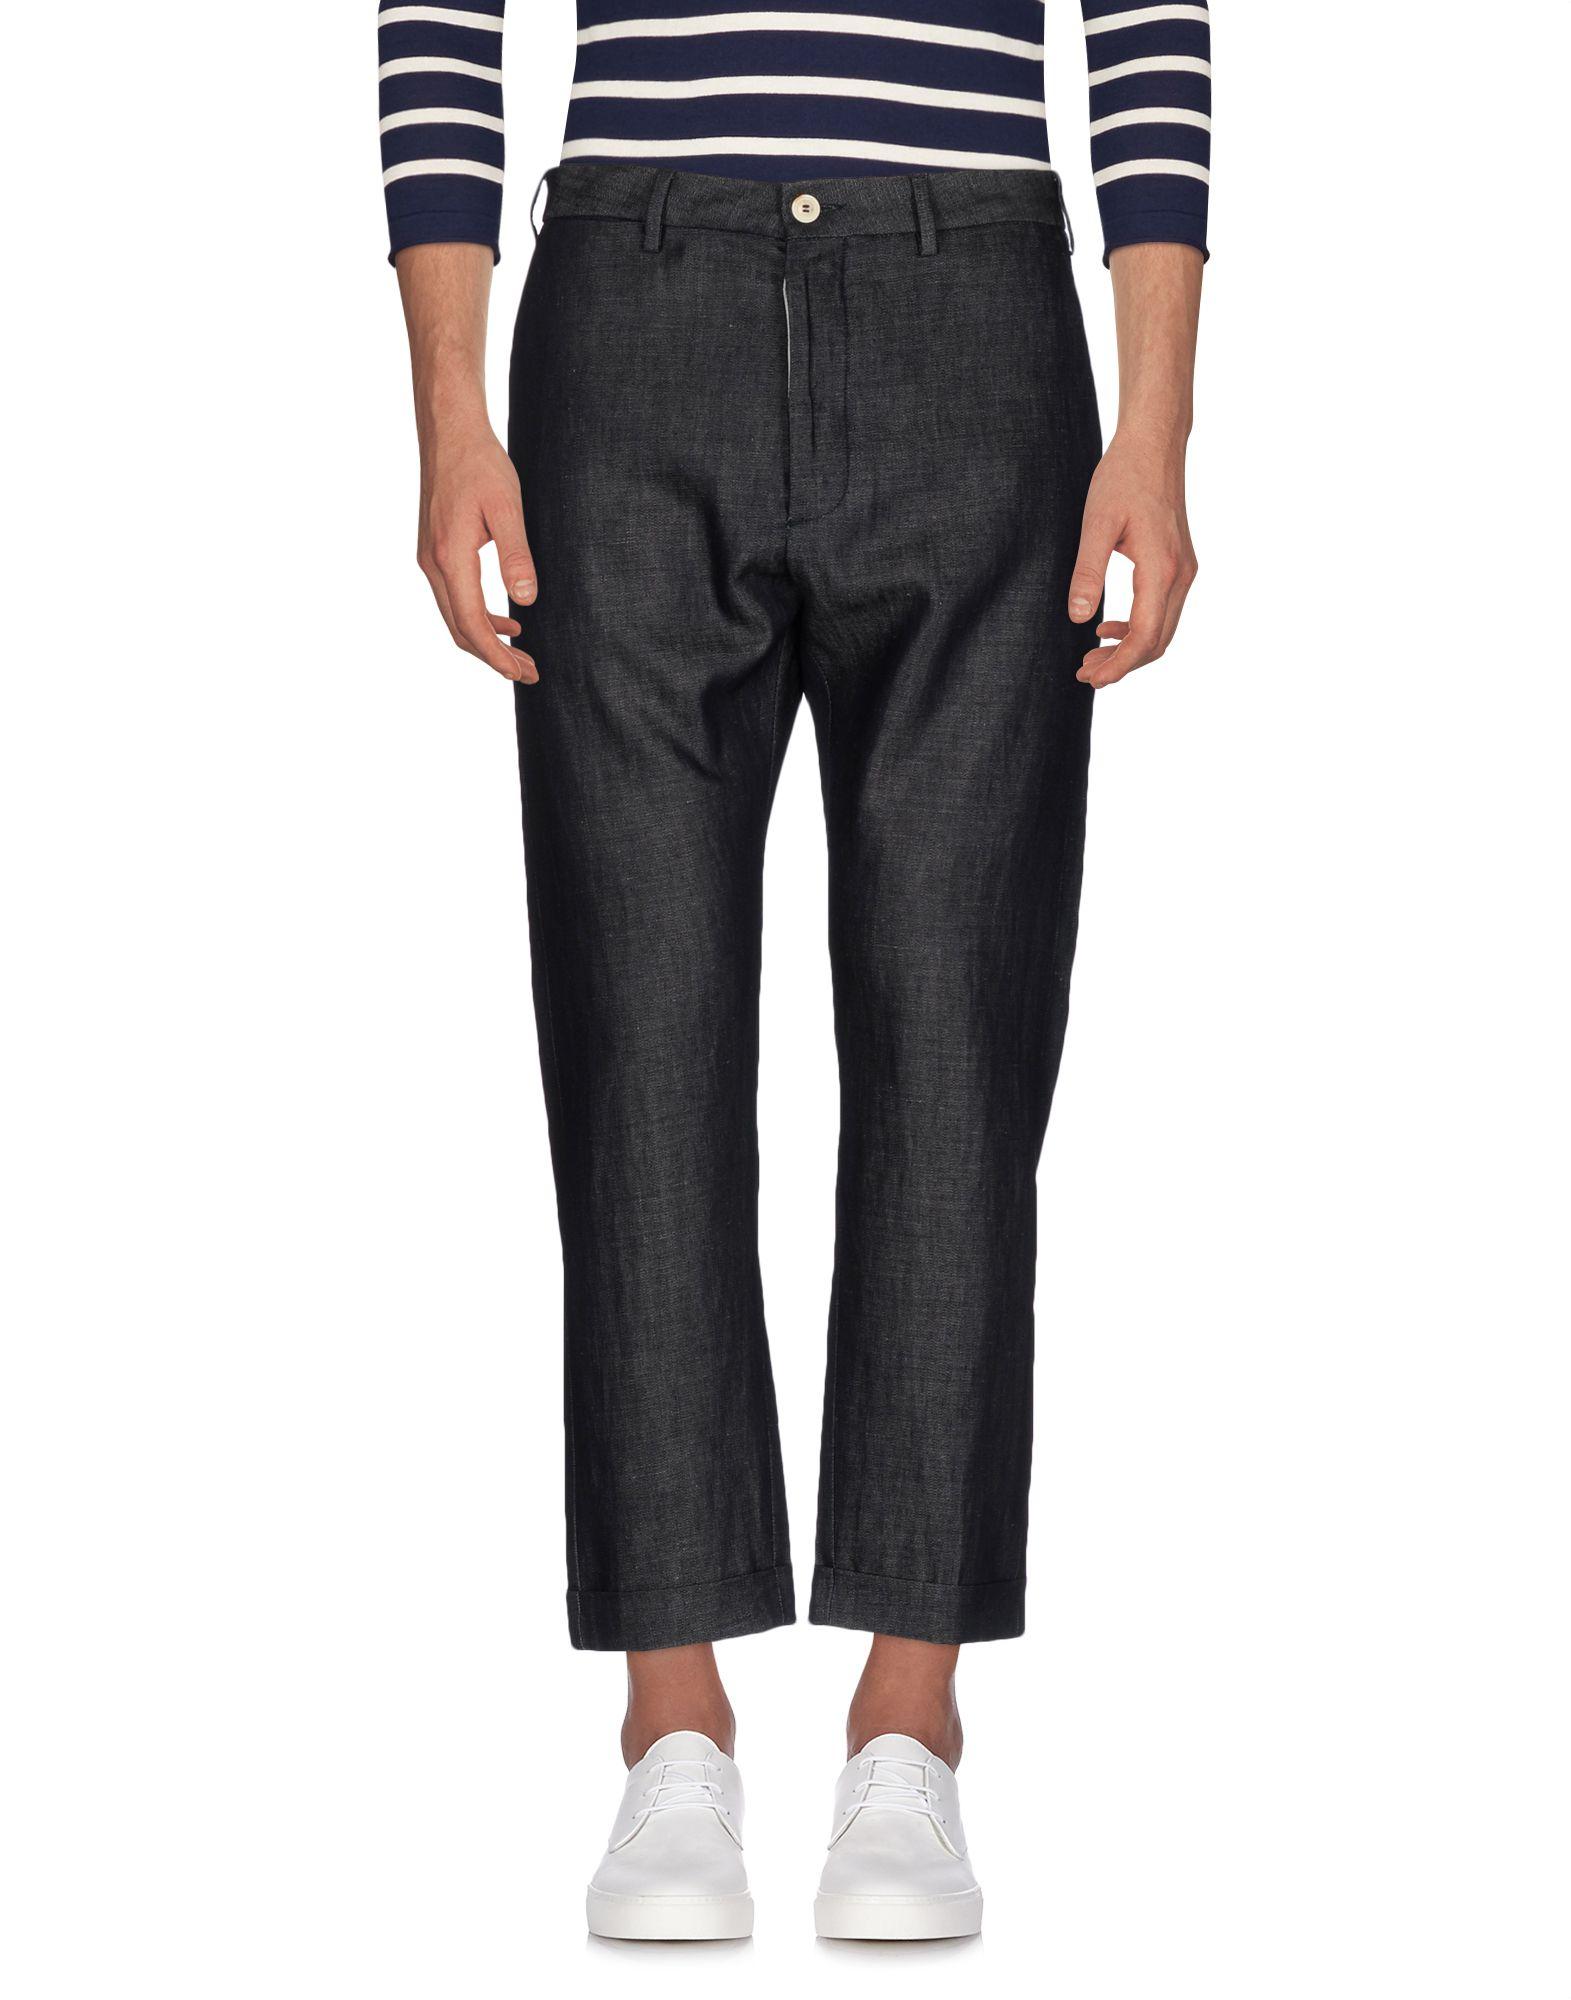 Pantaloni Jeans (+) People Uomo - Acquista online su